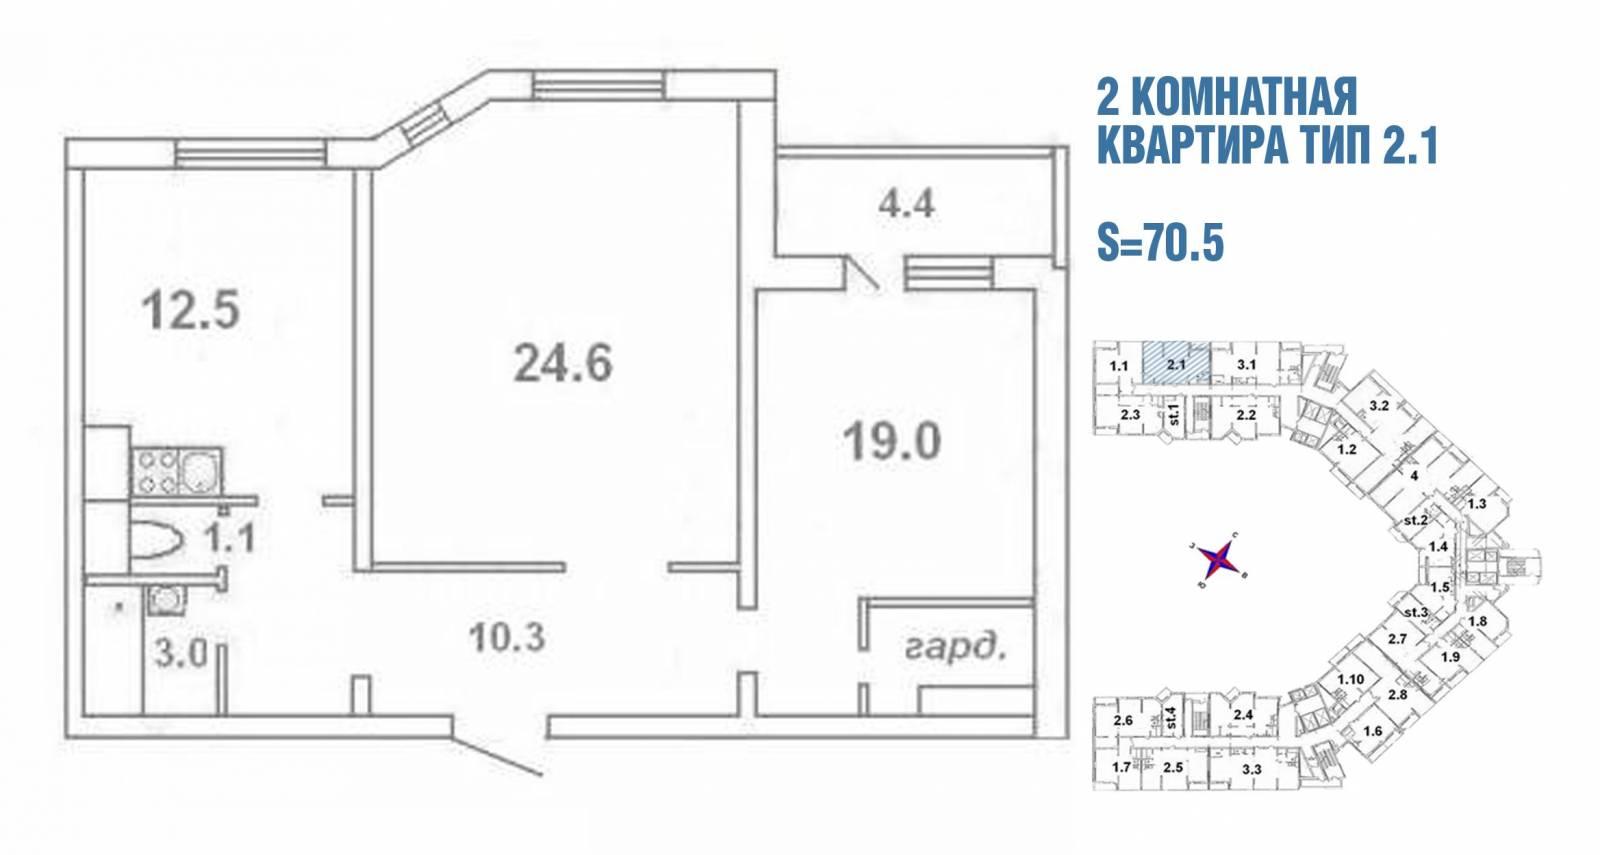 2-х комнатные квартиры тип 2.1 - 70,5 кв.м.